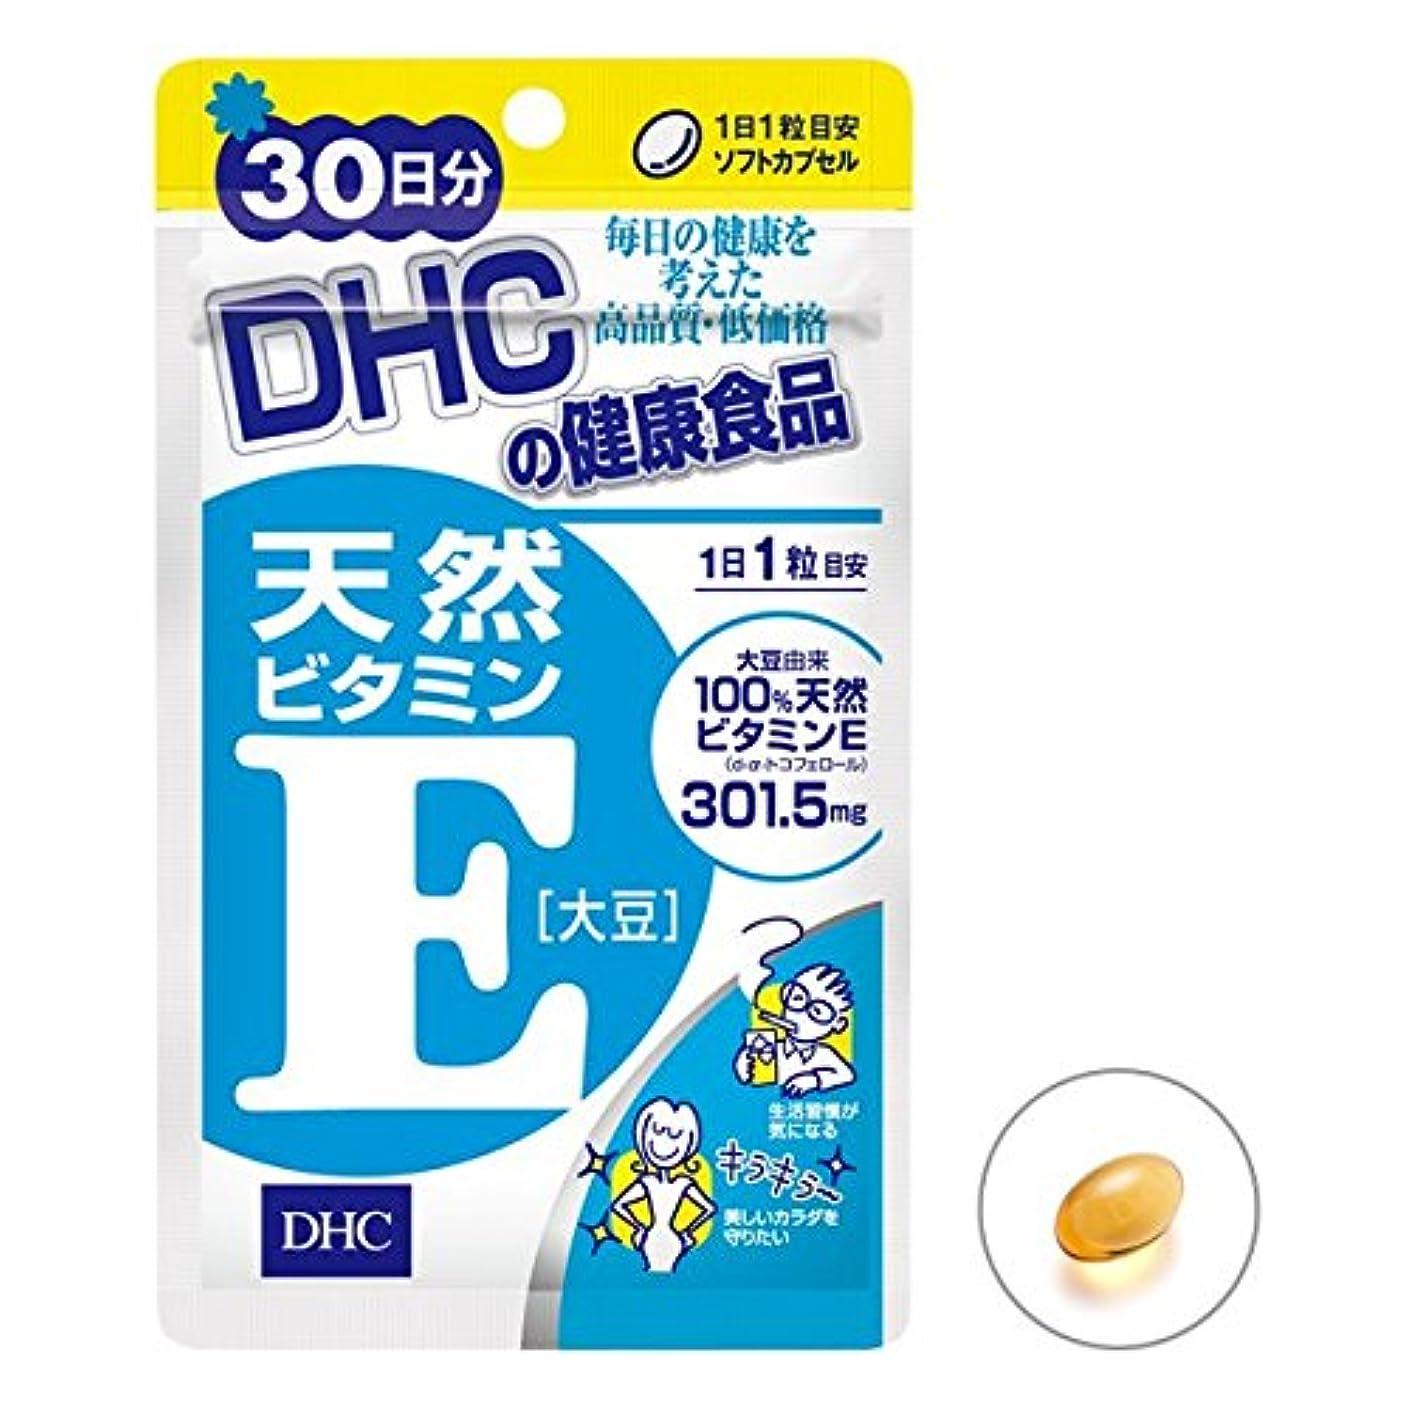 条件付きロビーテクスチャー天然ビタミンE【大豆】(60日分) x 18袋